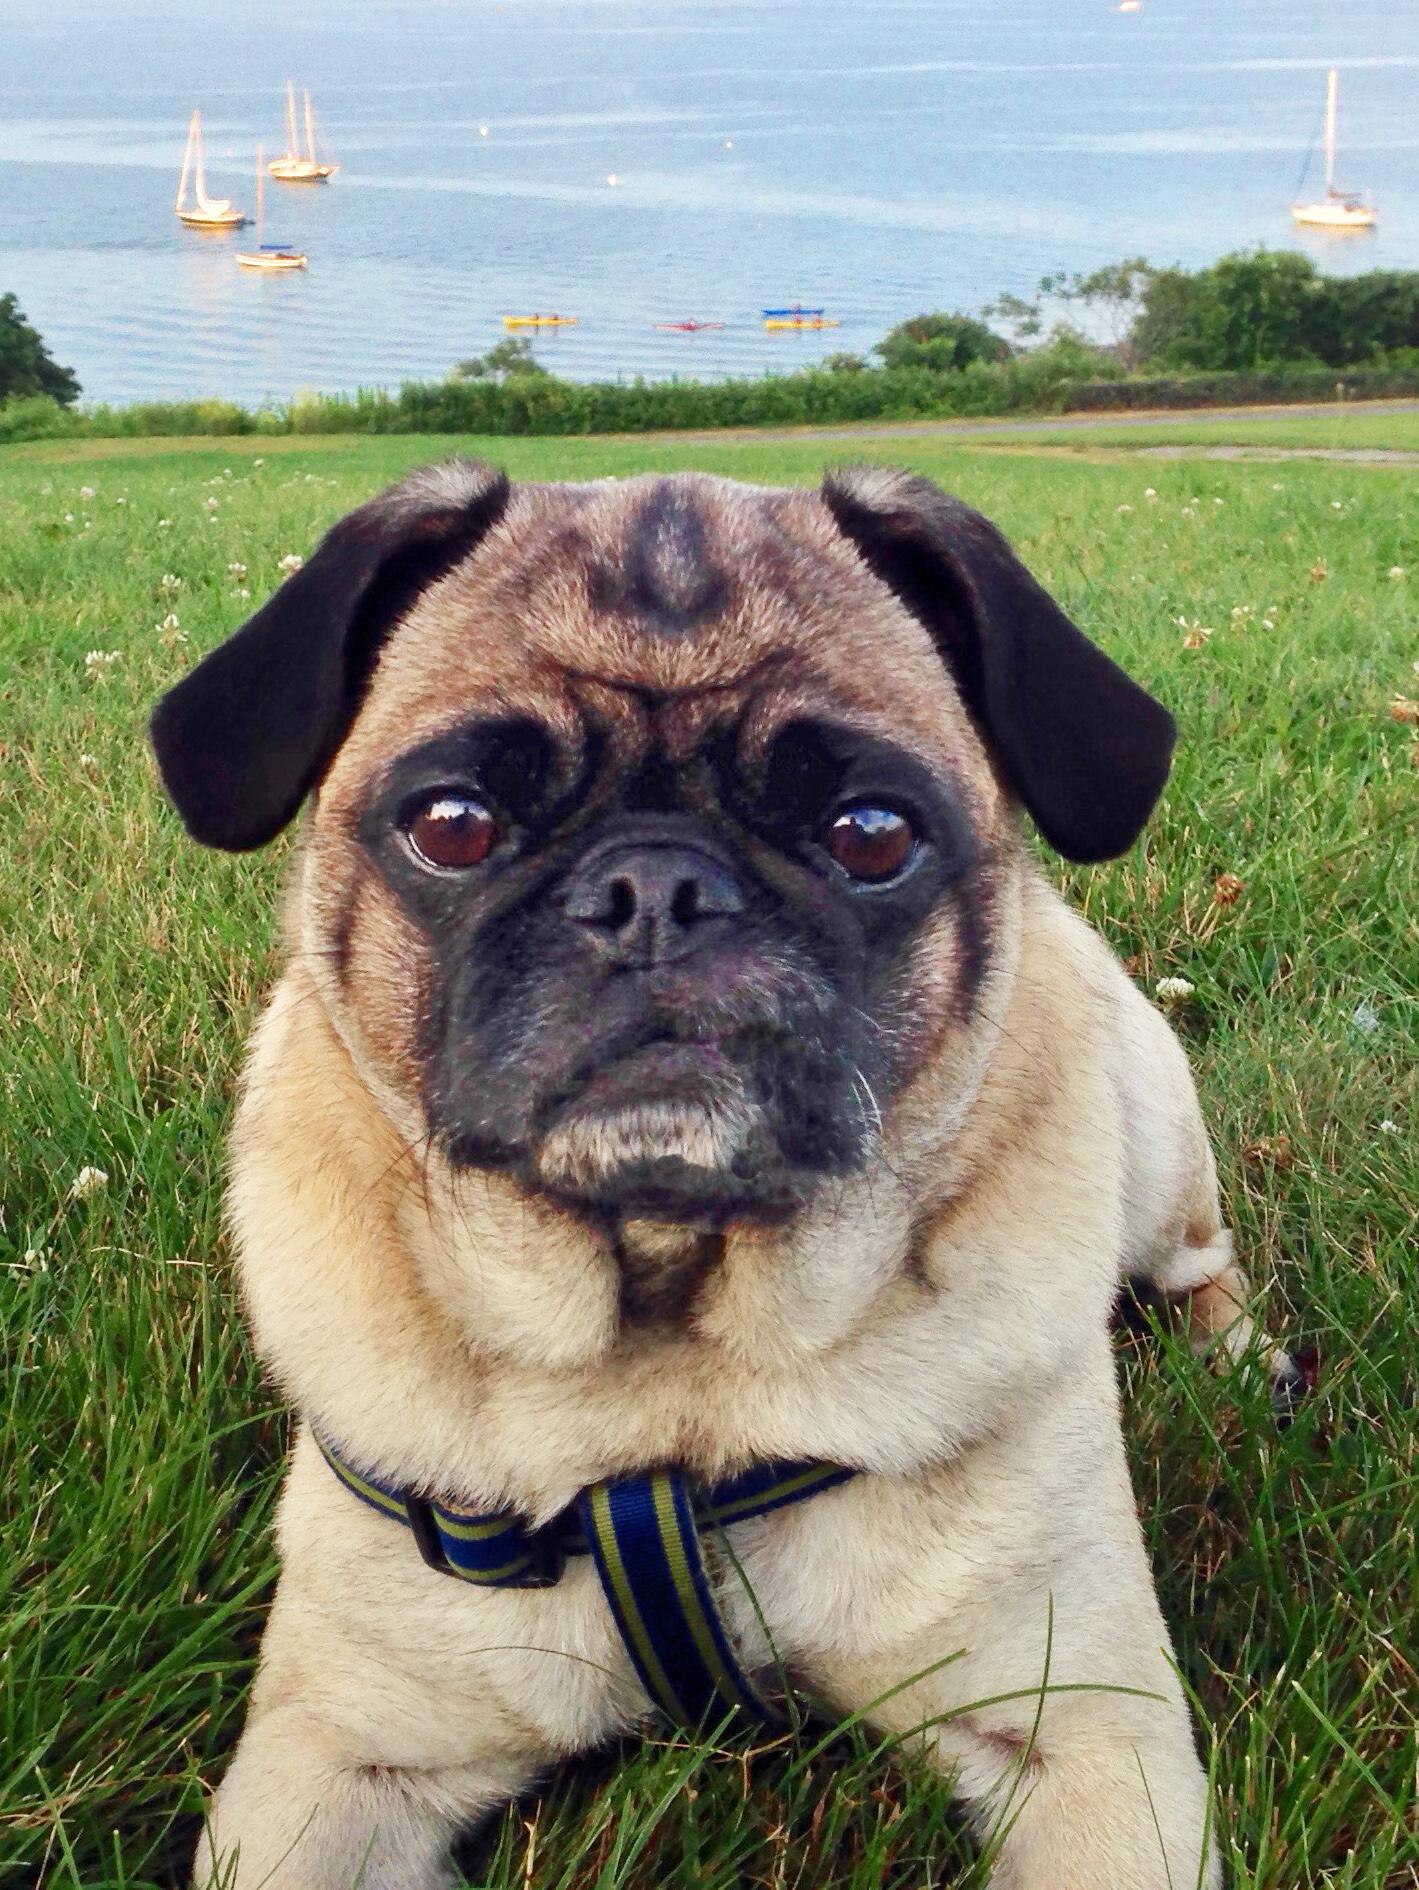 Winston (a.k.a. PugChop), Moderator